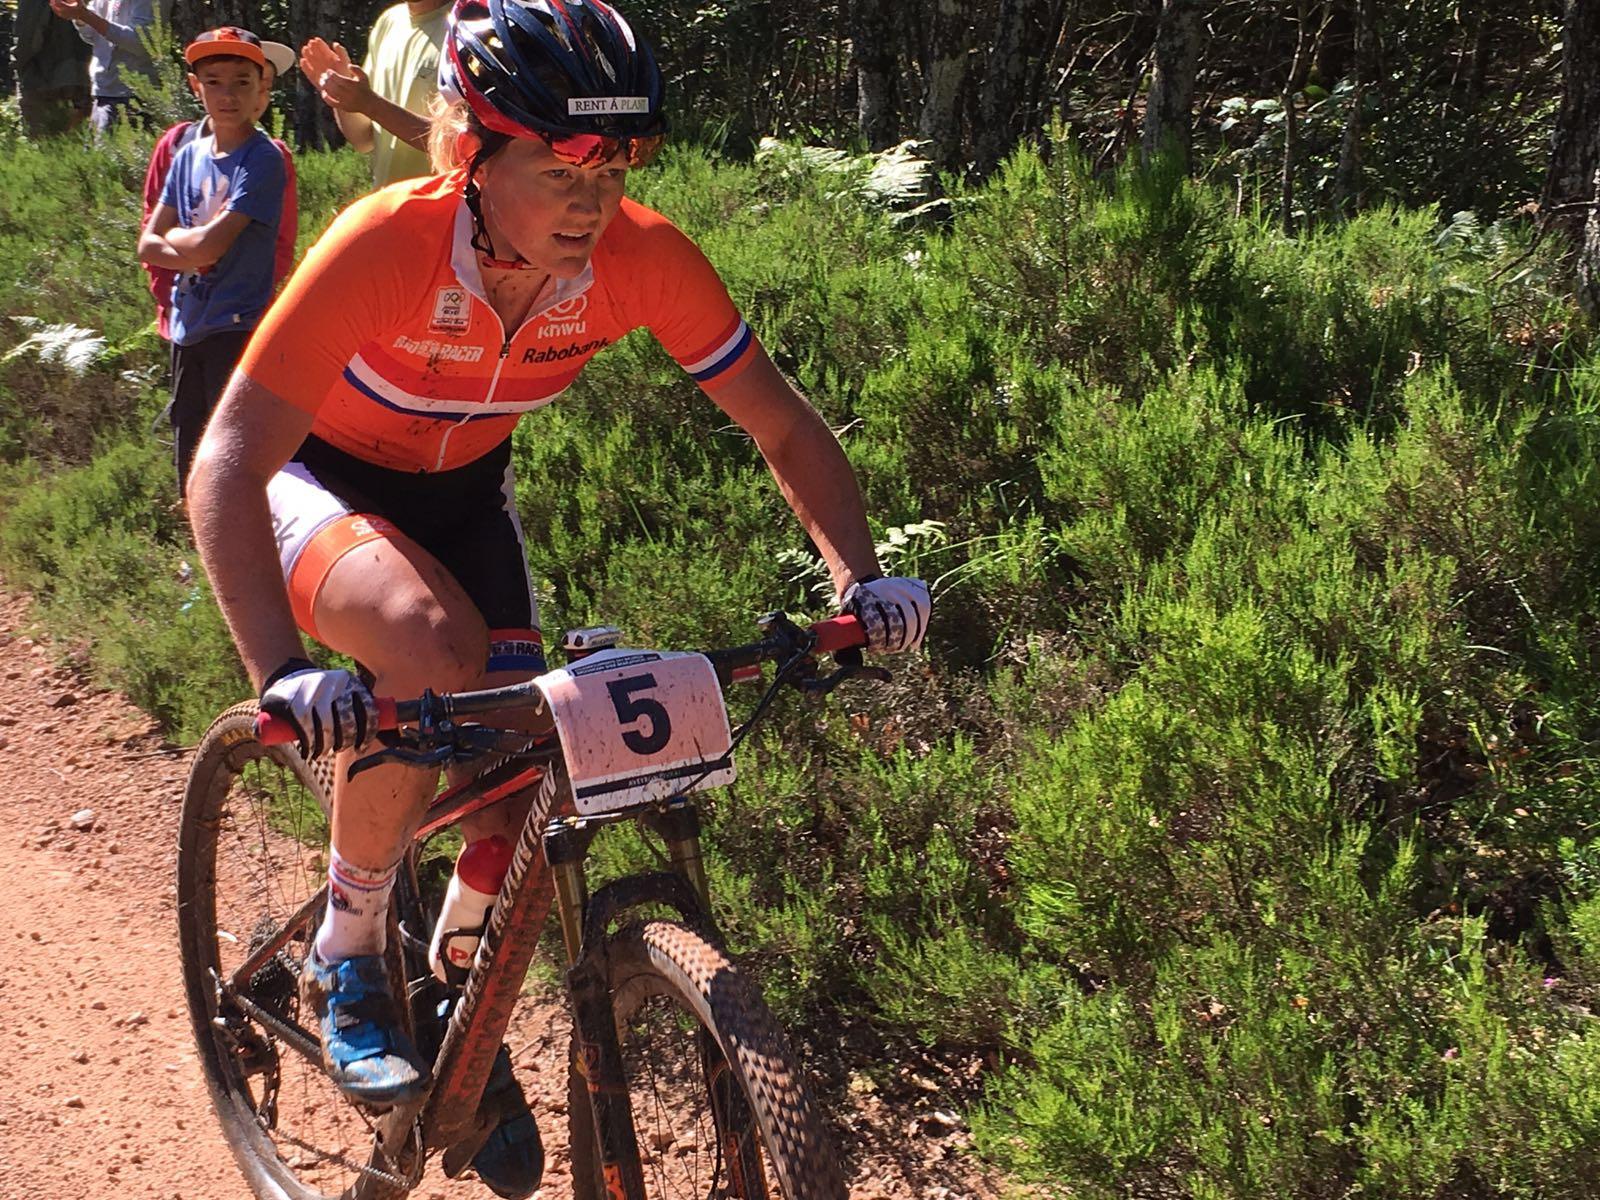 Elferink kreeg vanwege haar hoge ranking in de UCI-marathonseries startnummer vijf en mocht op de eerste rij plaatsnemen. Foto: Paul Classens